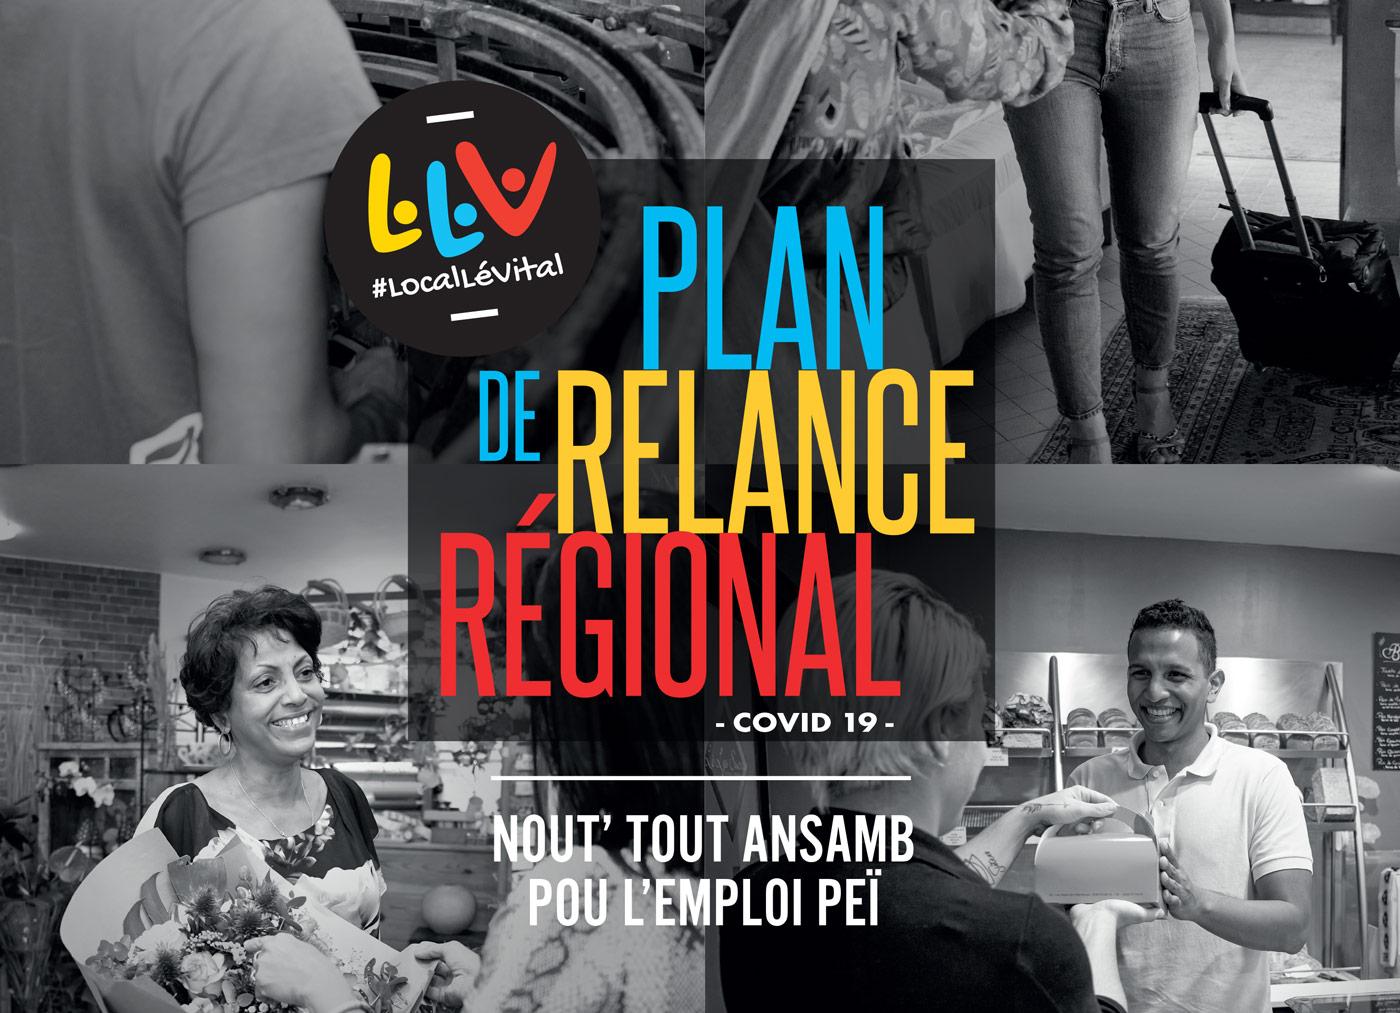 Accord Régional pour le Plan de Relance